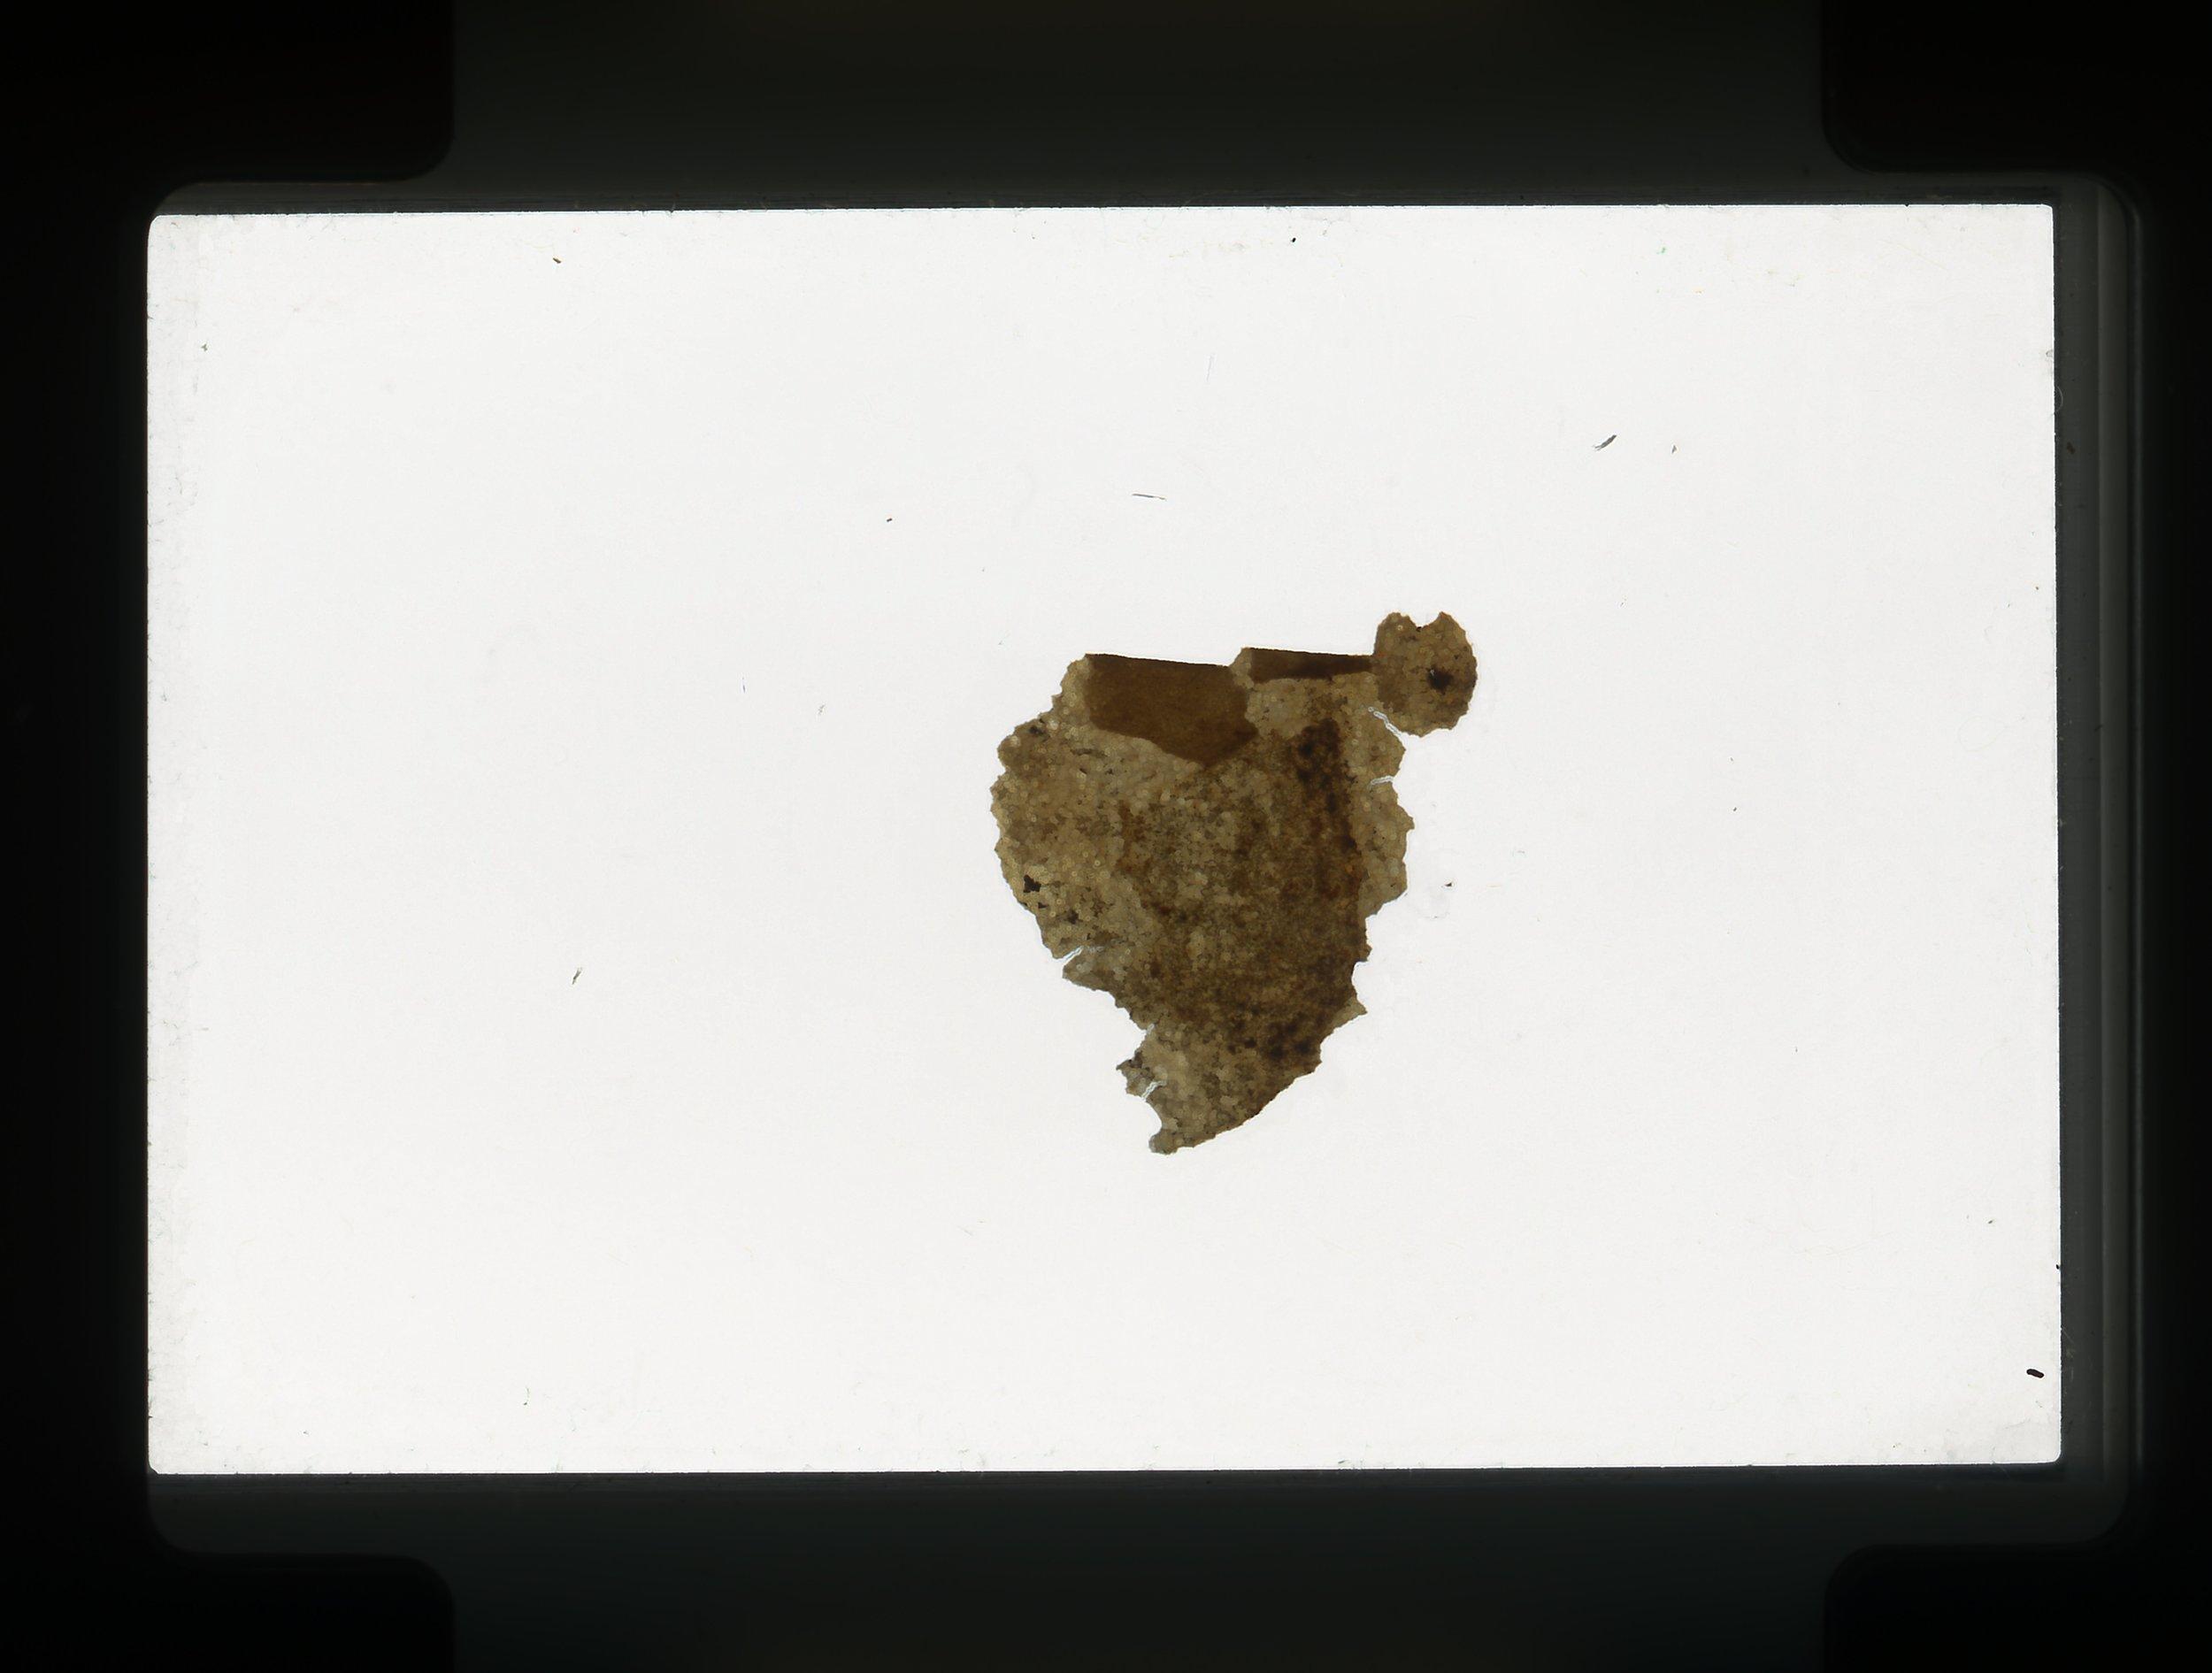 norway.51.pf.tanmaterial.jpg